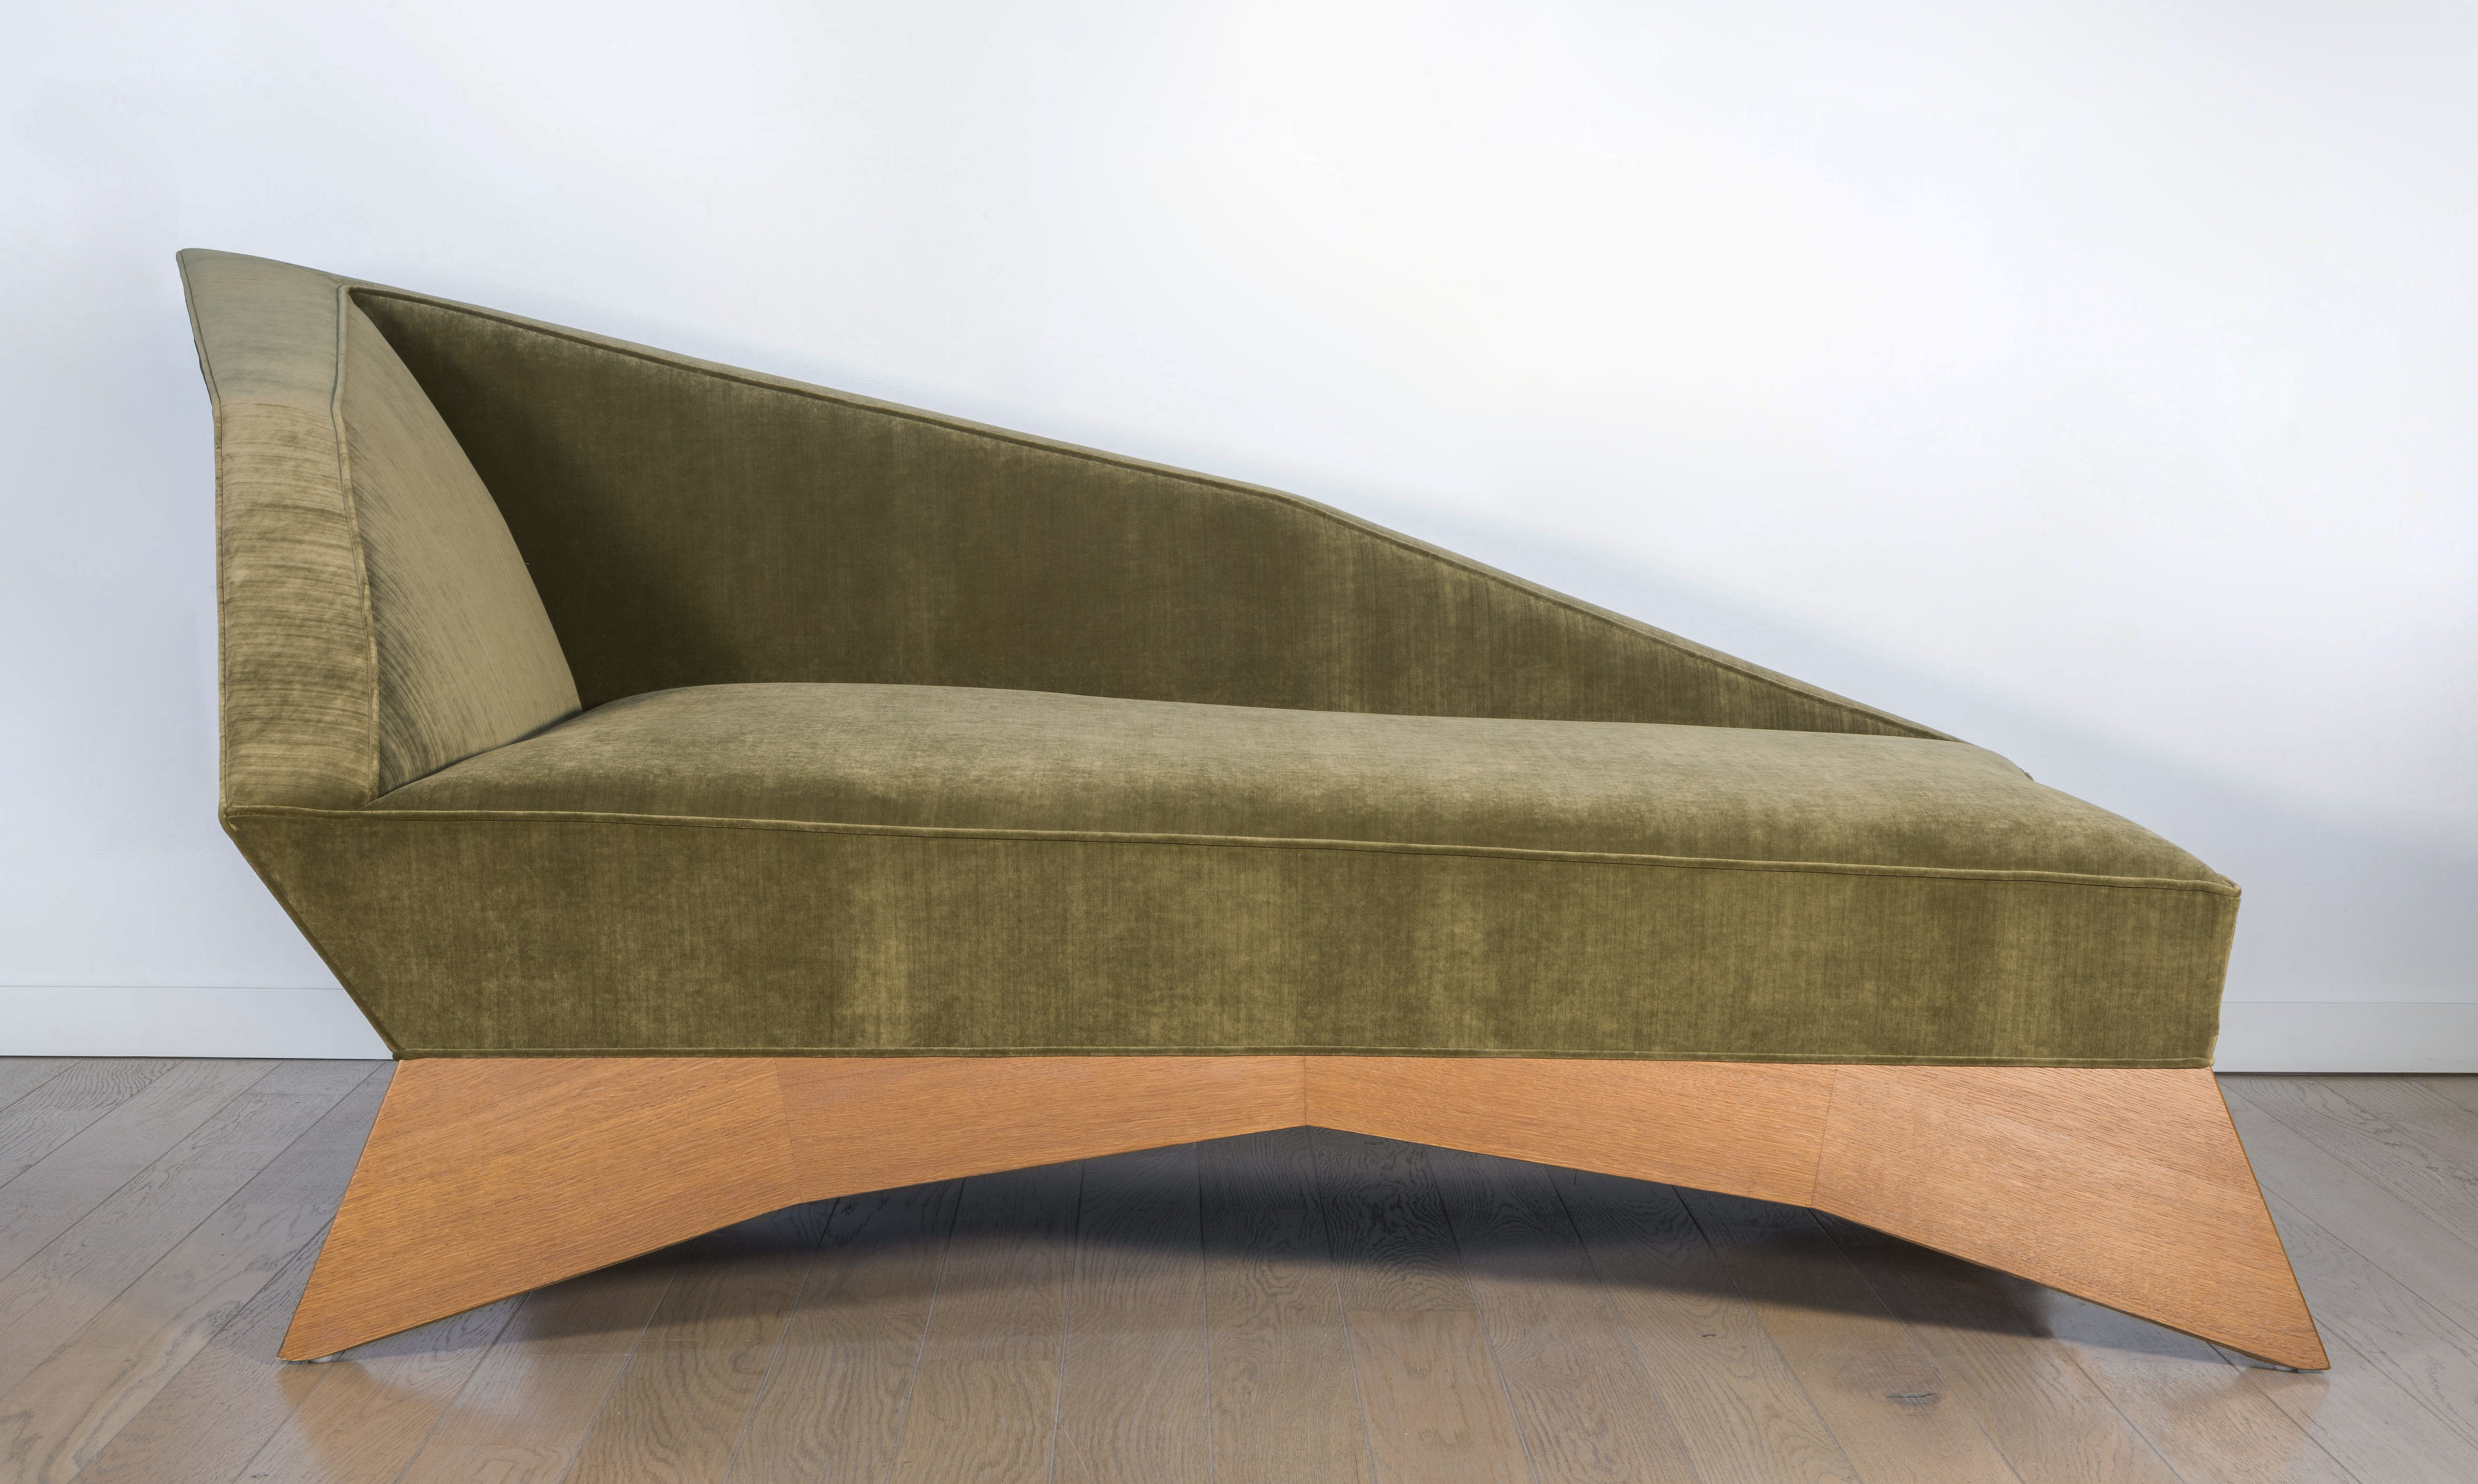 Cubist chaise longue